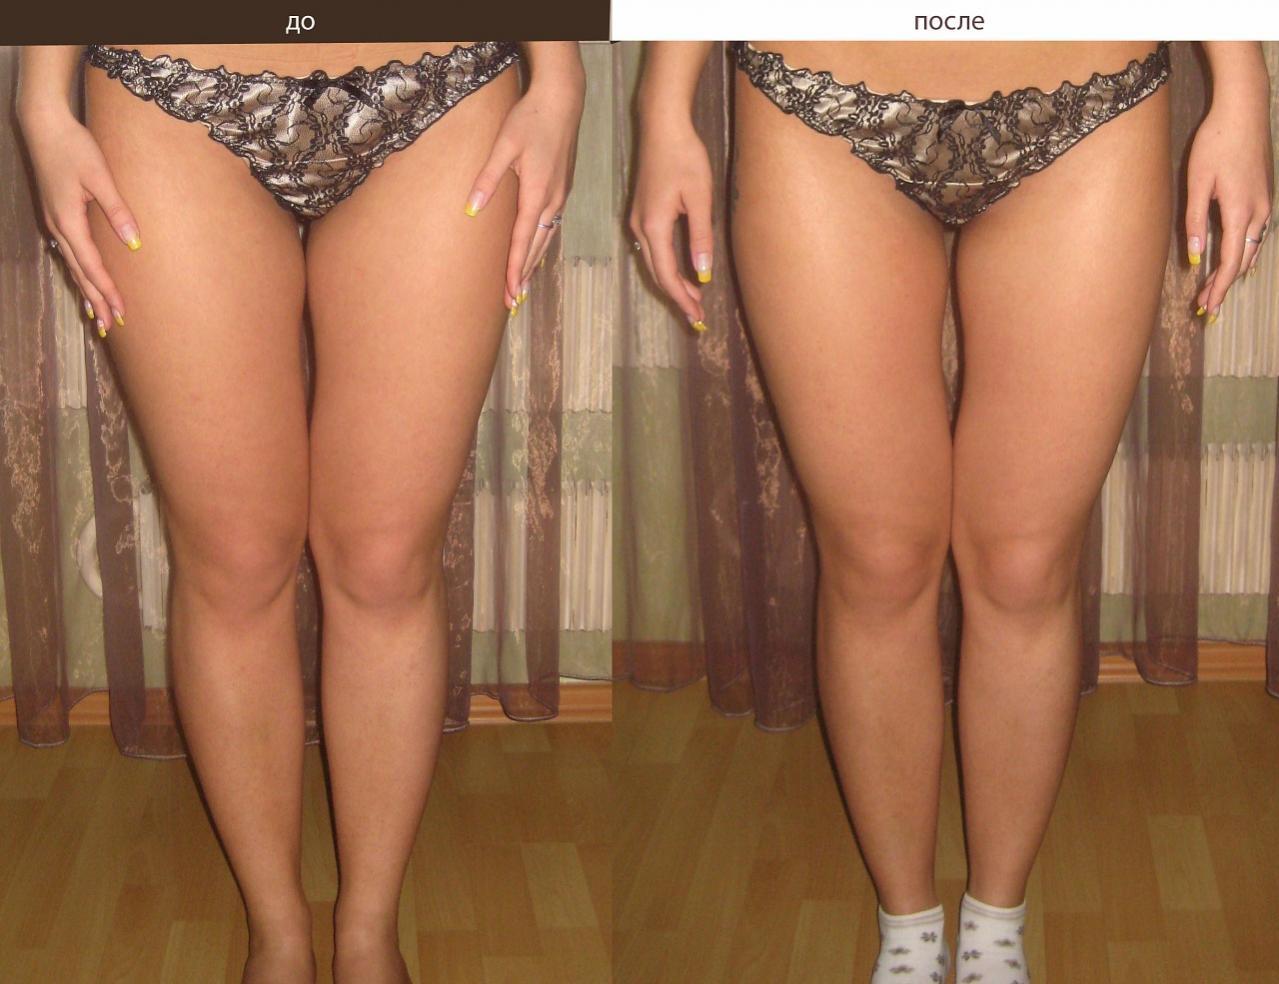 Эротический массаж фото до и после 16 фотография